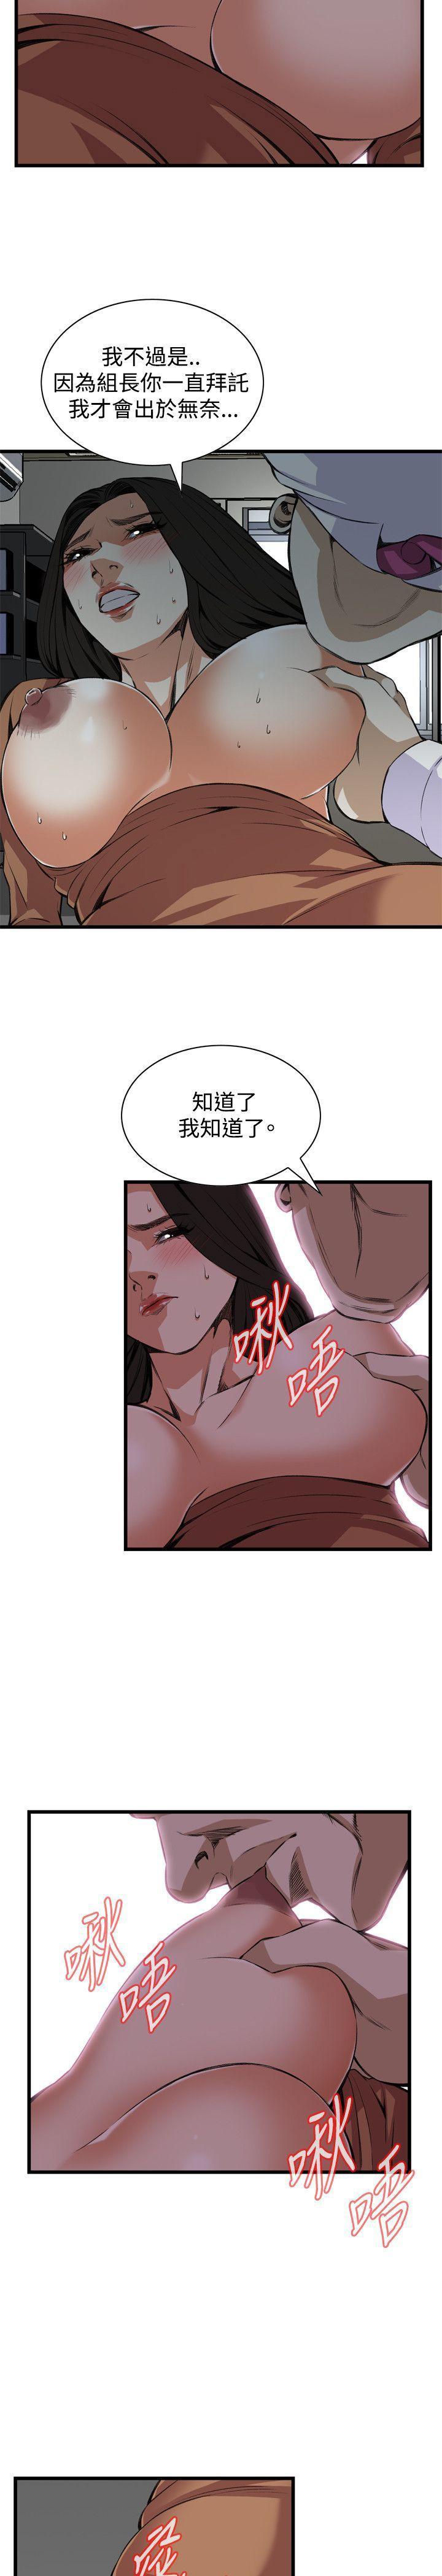 偷窥72-93 Chinese Rsiky 241